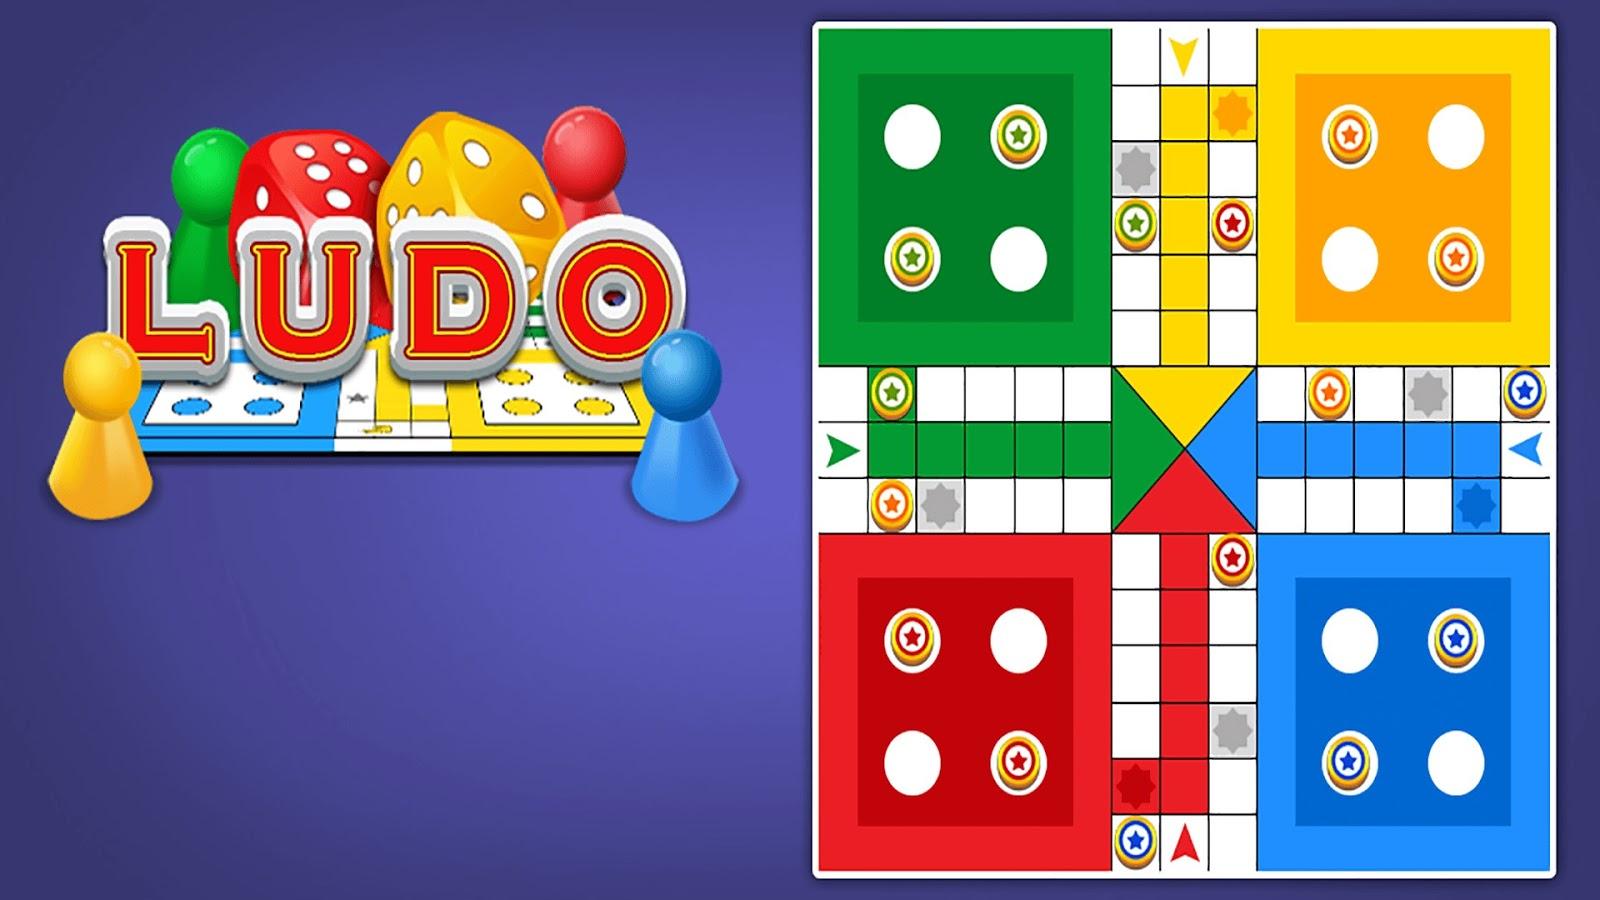 لعبة لودو ستار Ludo Star